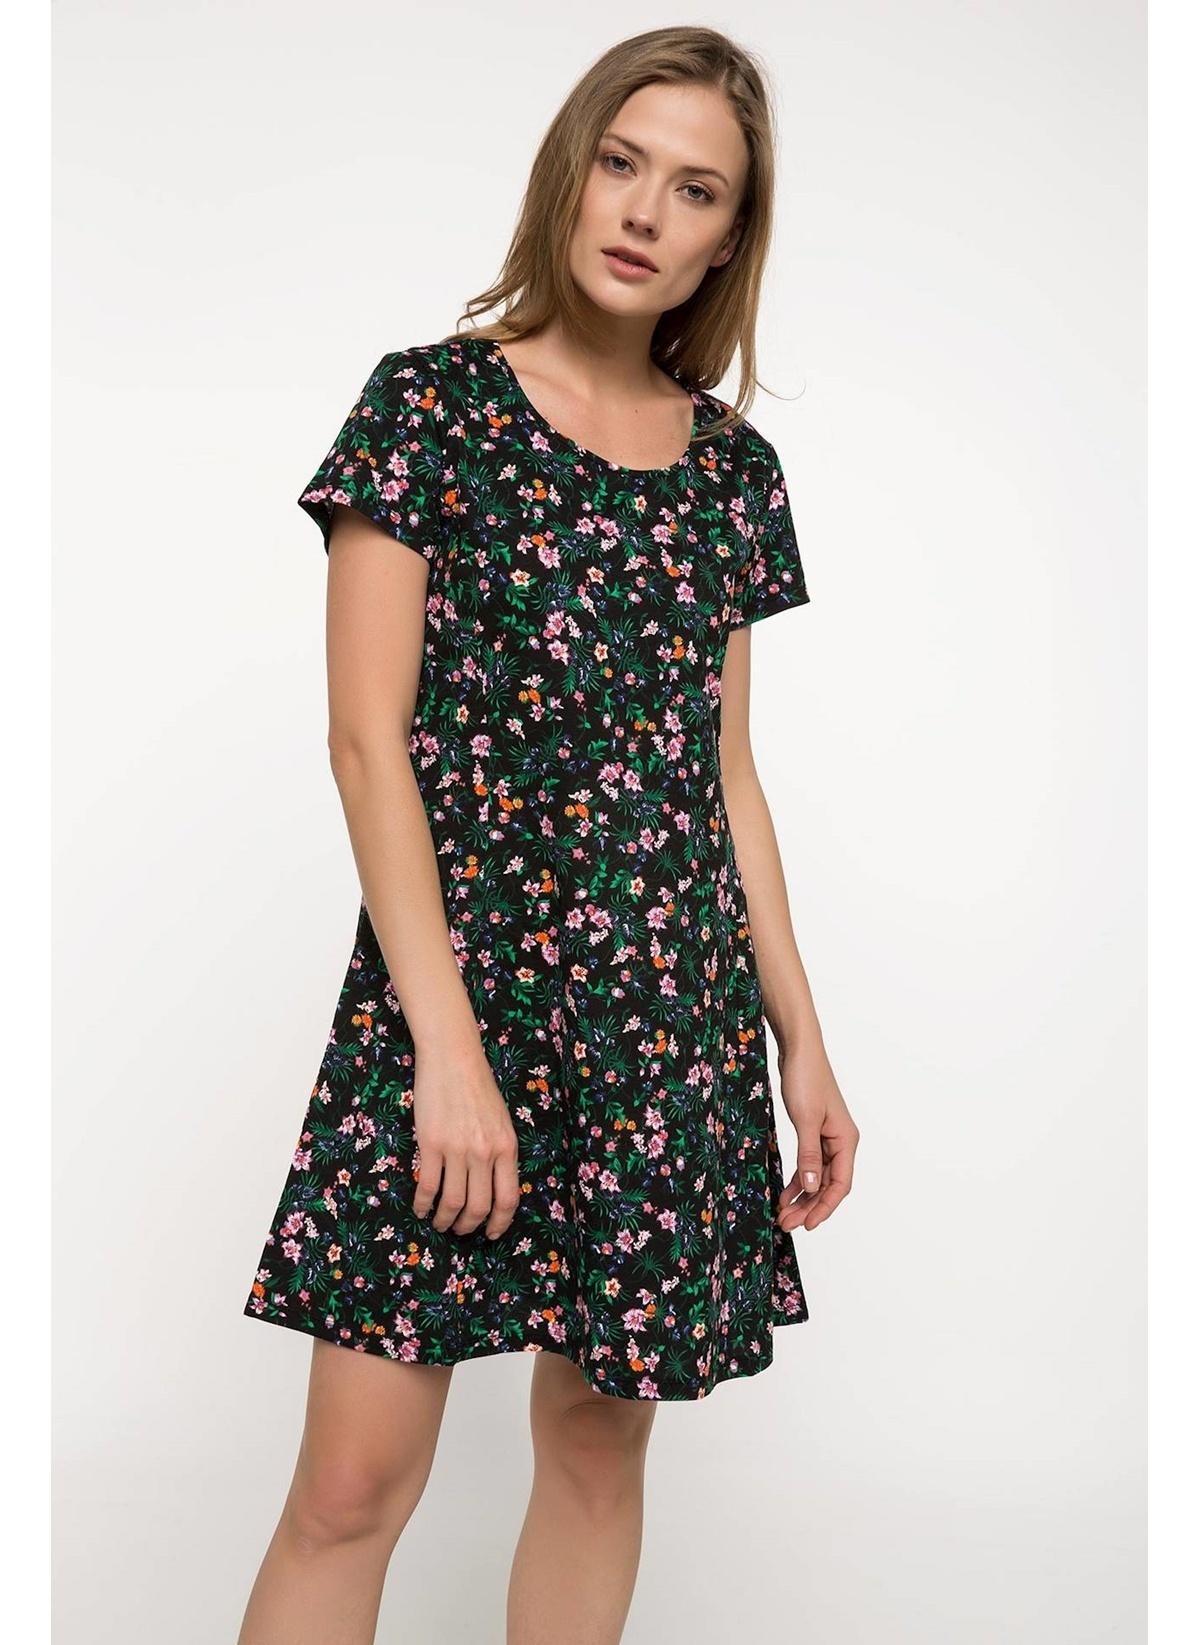 Defacto Çiçek Desenli Elbise G7613az18smbk27elbise – 39.99 TL